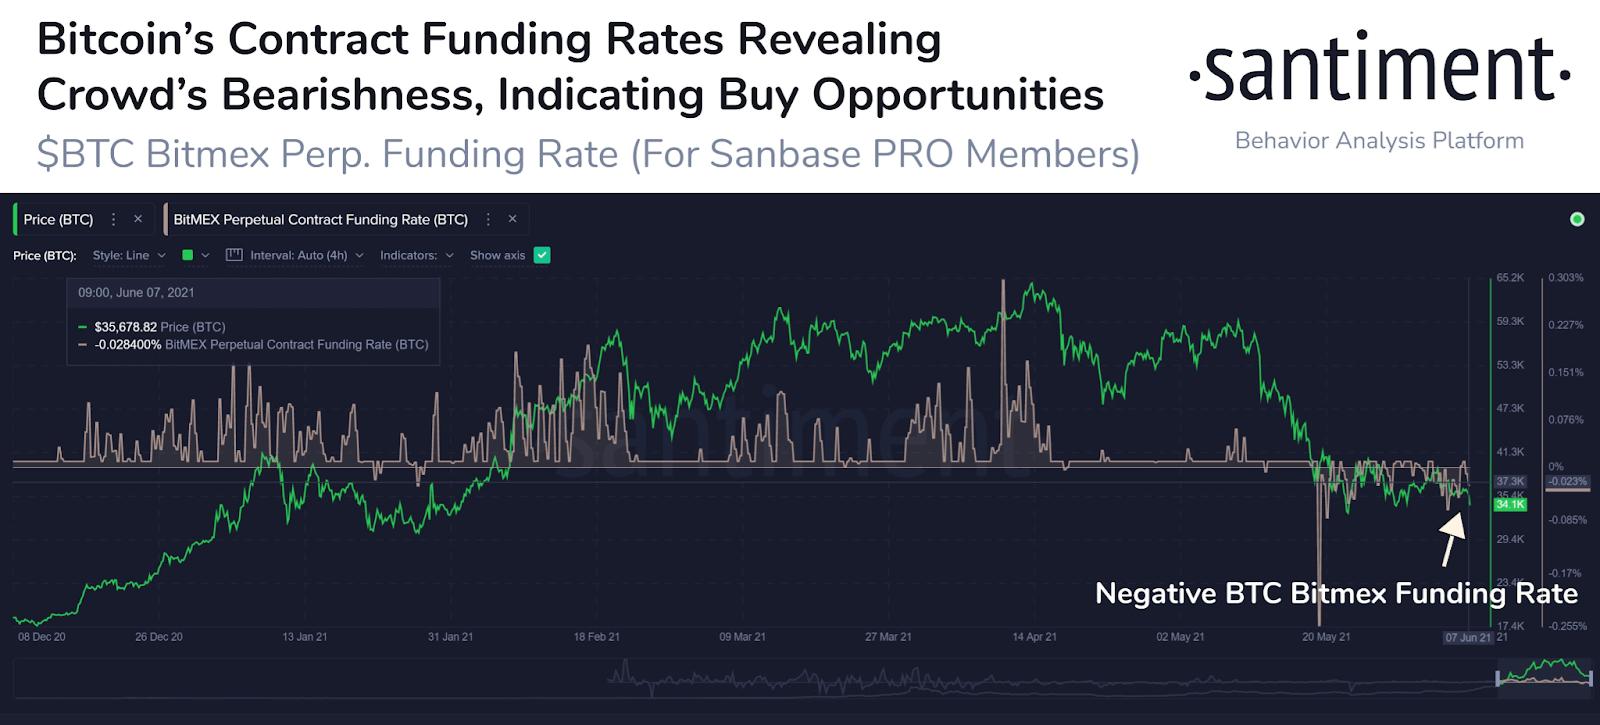 Bitcoin BTC Contract Funding Rates